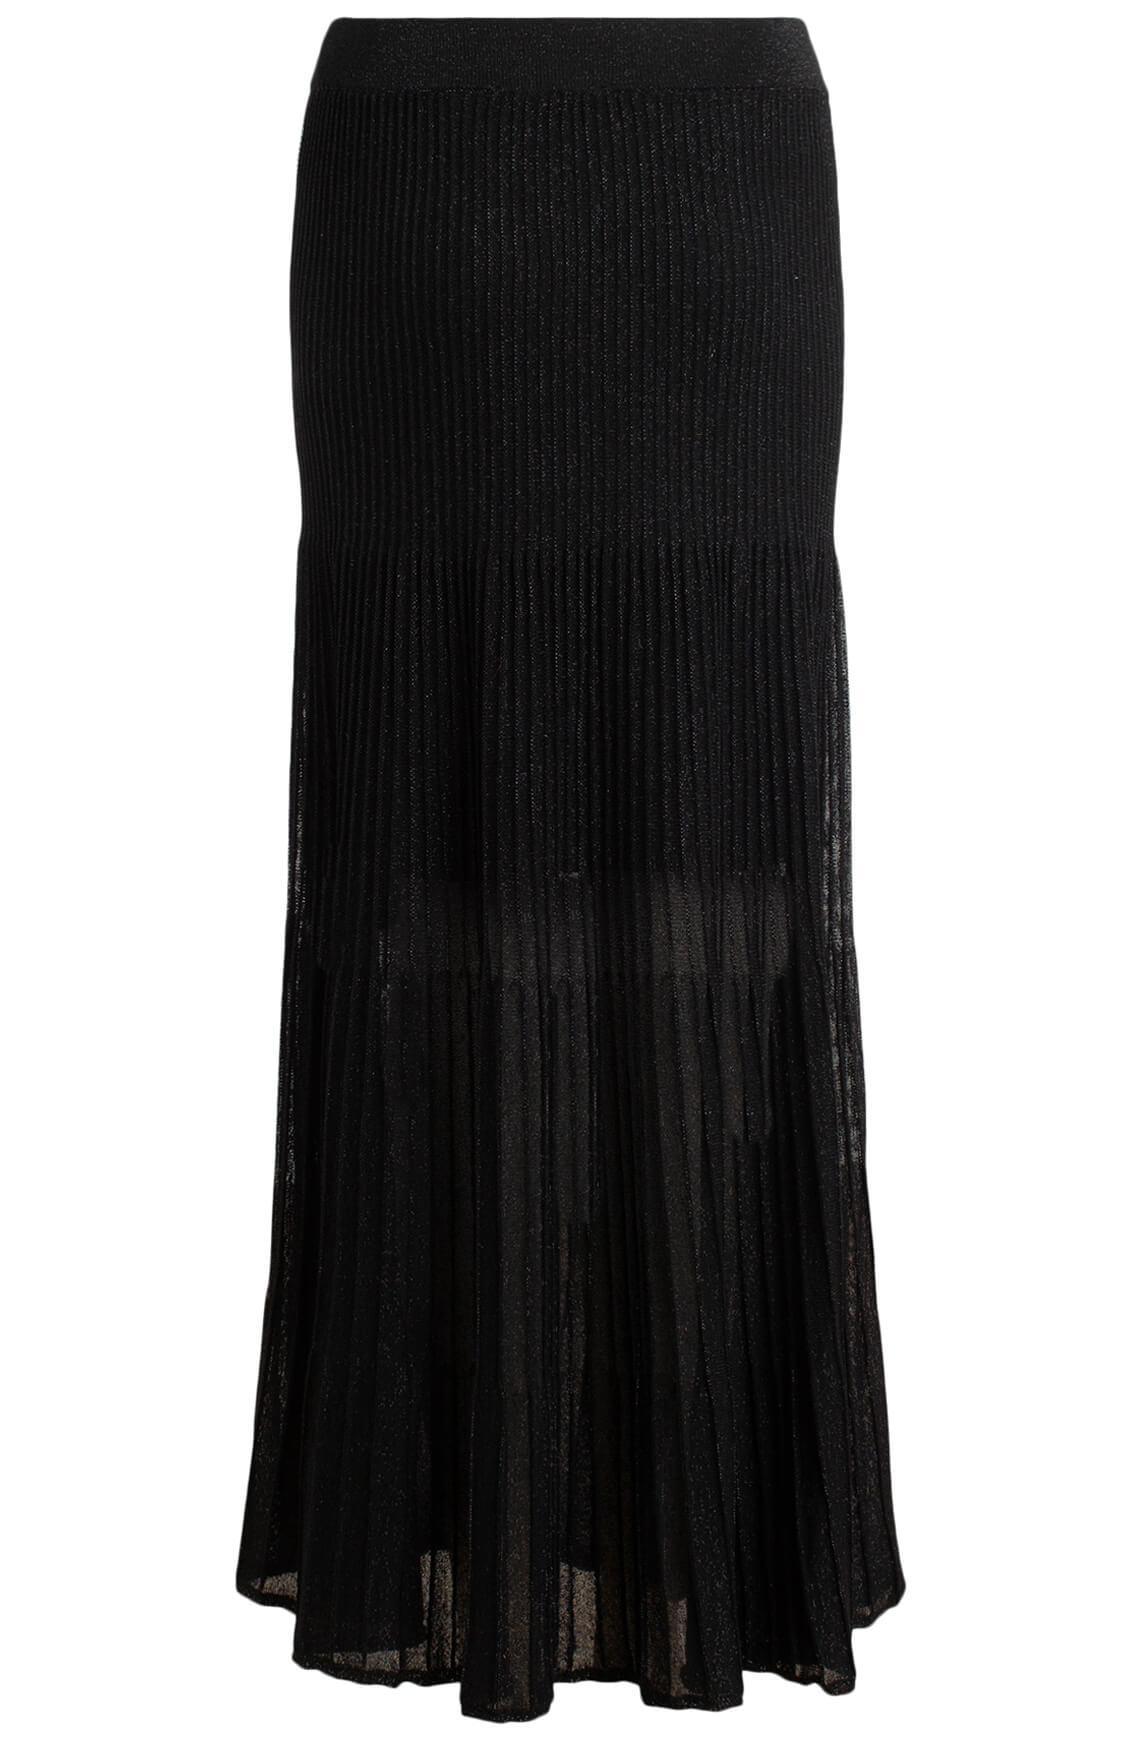 Kocca Dames Rory glitter rok zwart